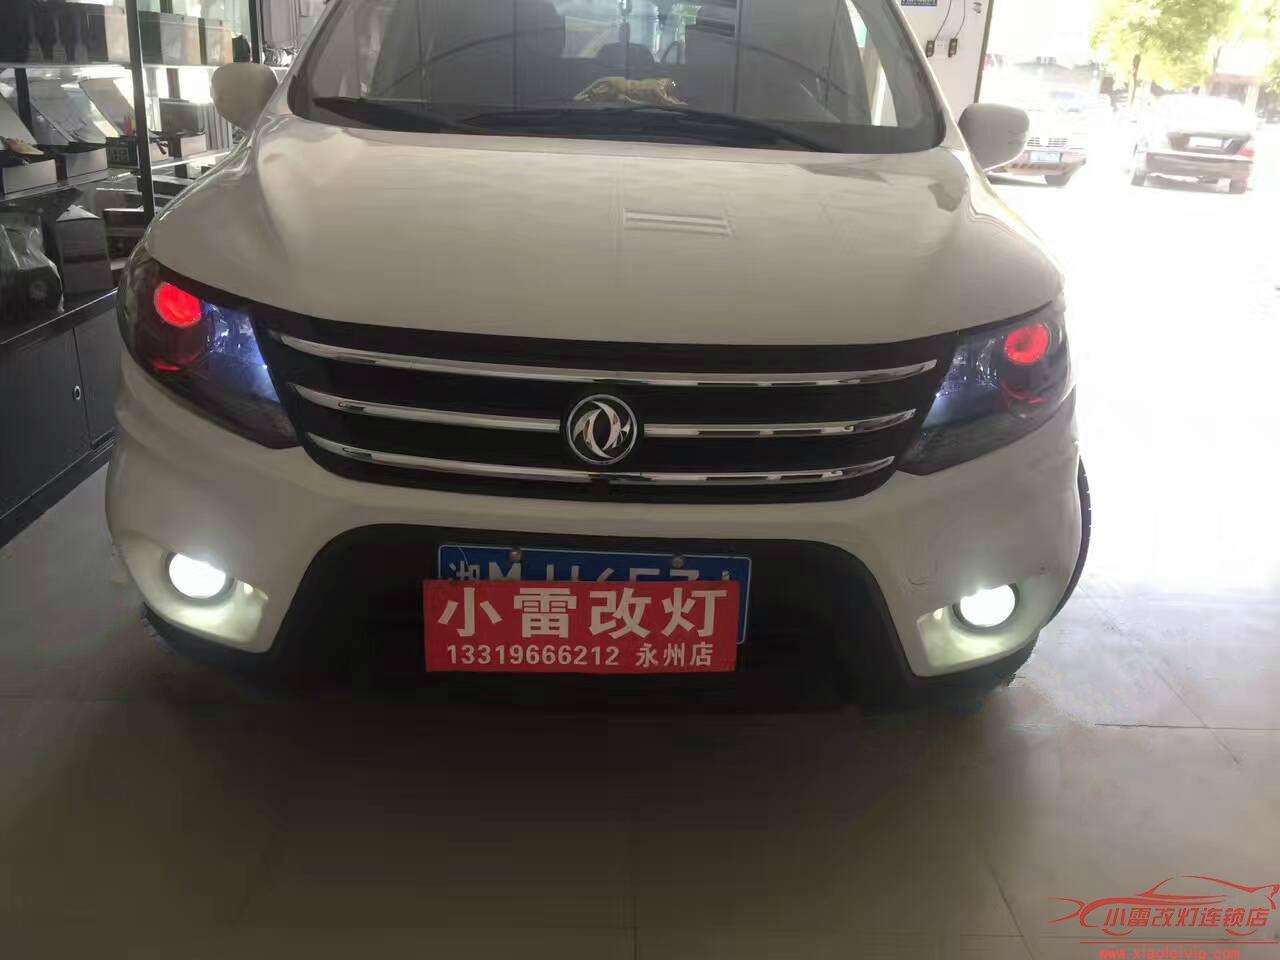 车灯升级实例 | 永州店东风景逸X5升级海拉5+红色恶魔眼+冰蓝色示宽灯